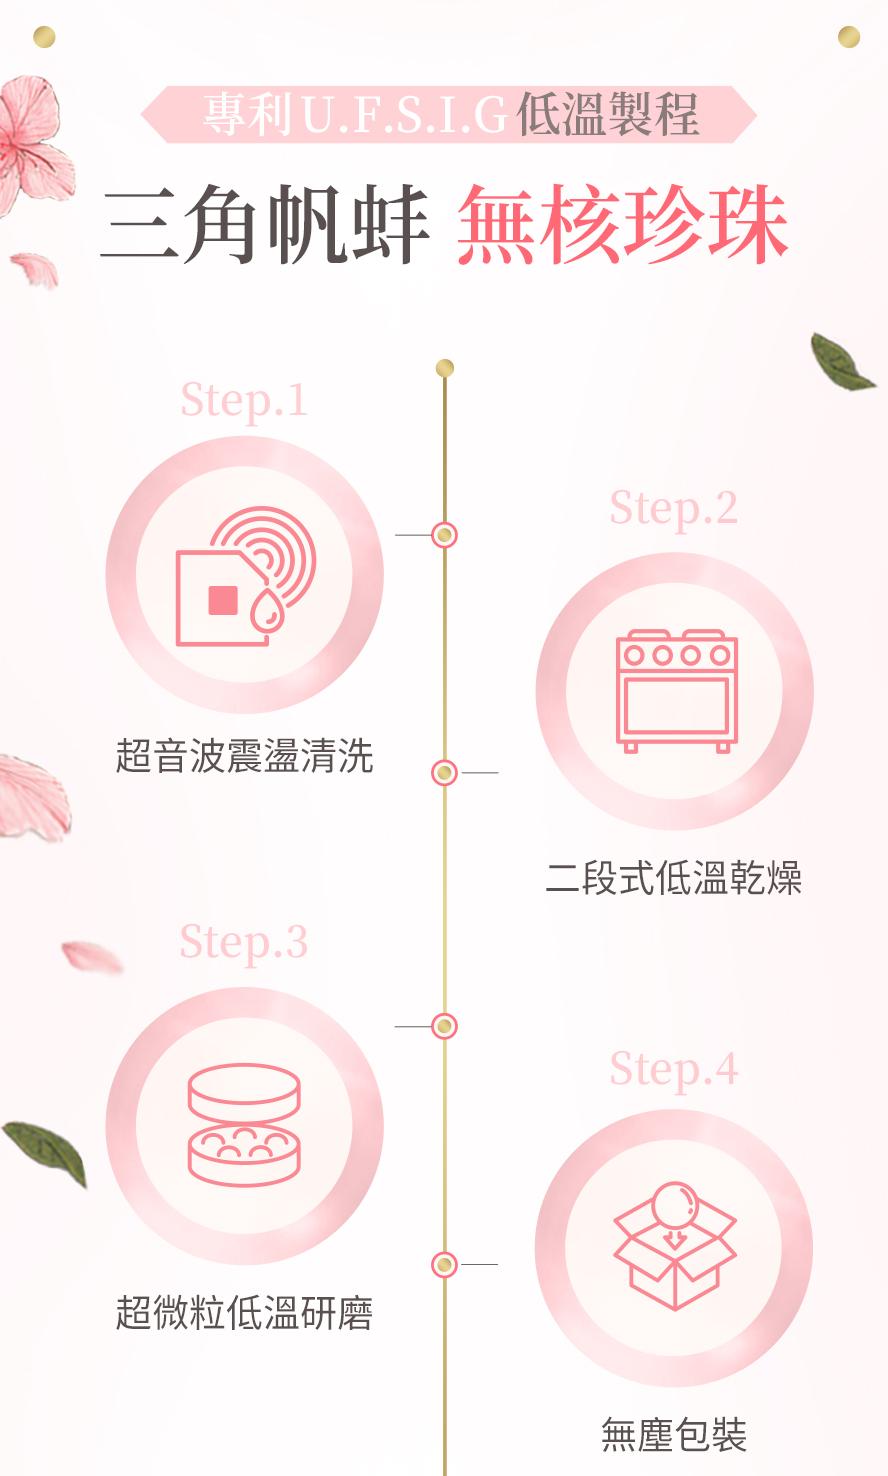 珍珠粉膠囊採用U.F.S.I.G低溫製程,專利微米技術保留高活性,有效去除雜質,完整保留珍珠蛋白。